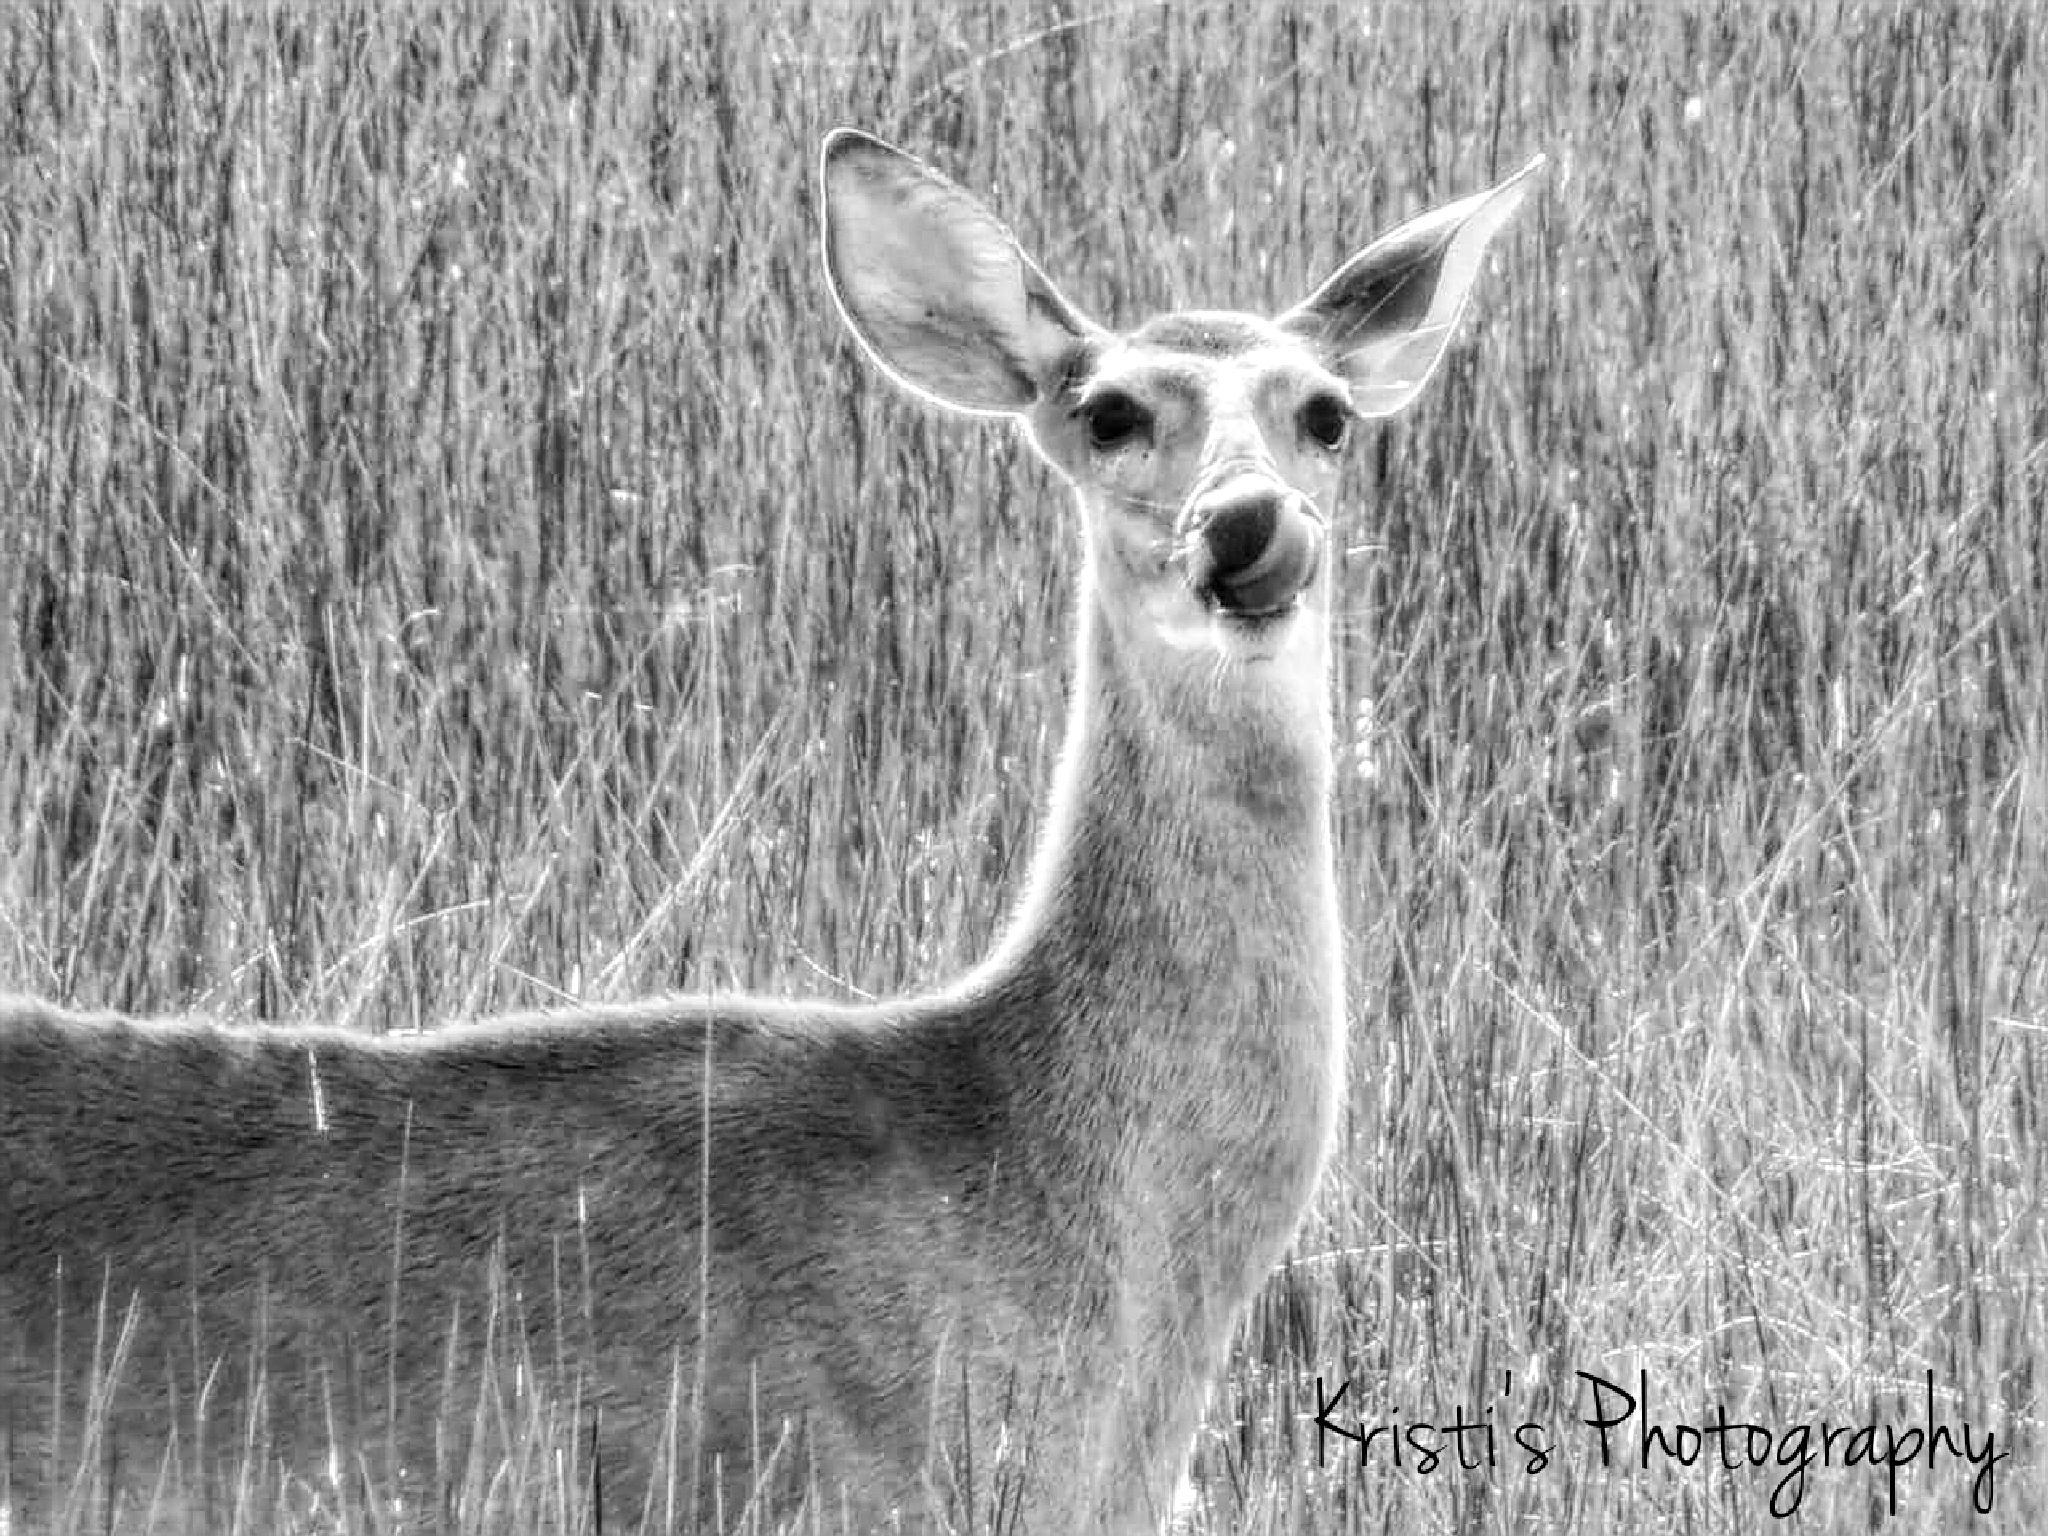 B & W Deer by Kristi Hepner